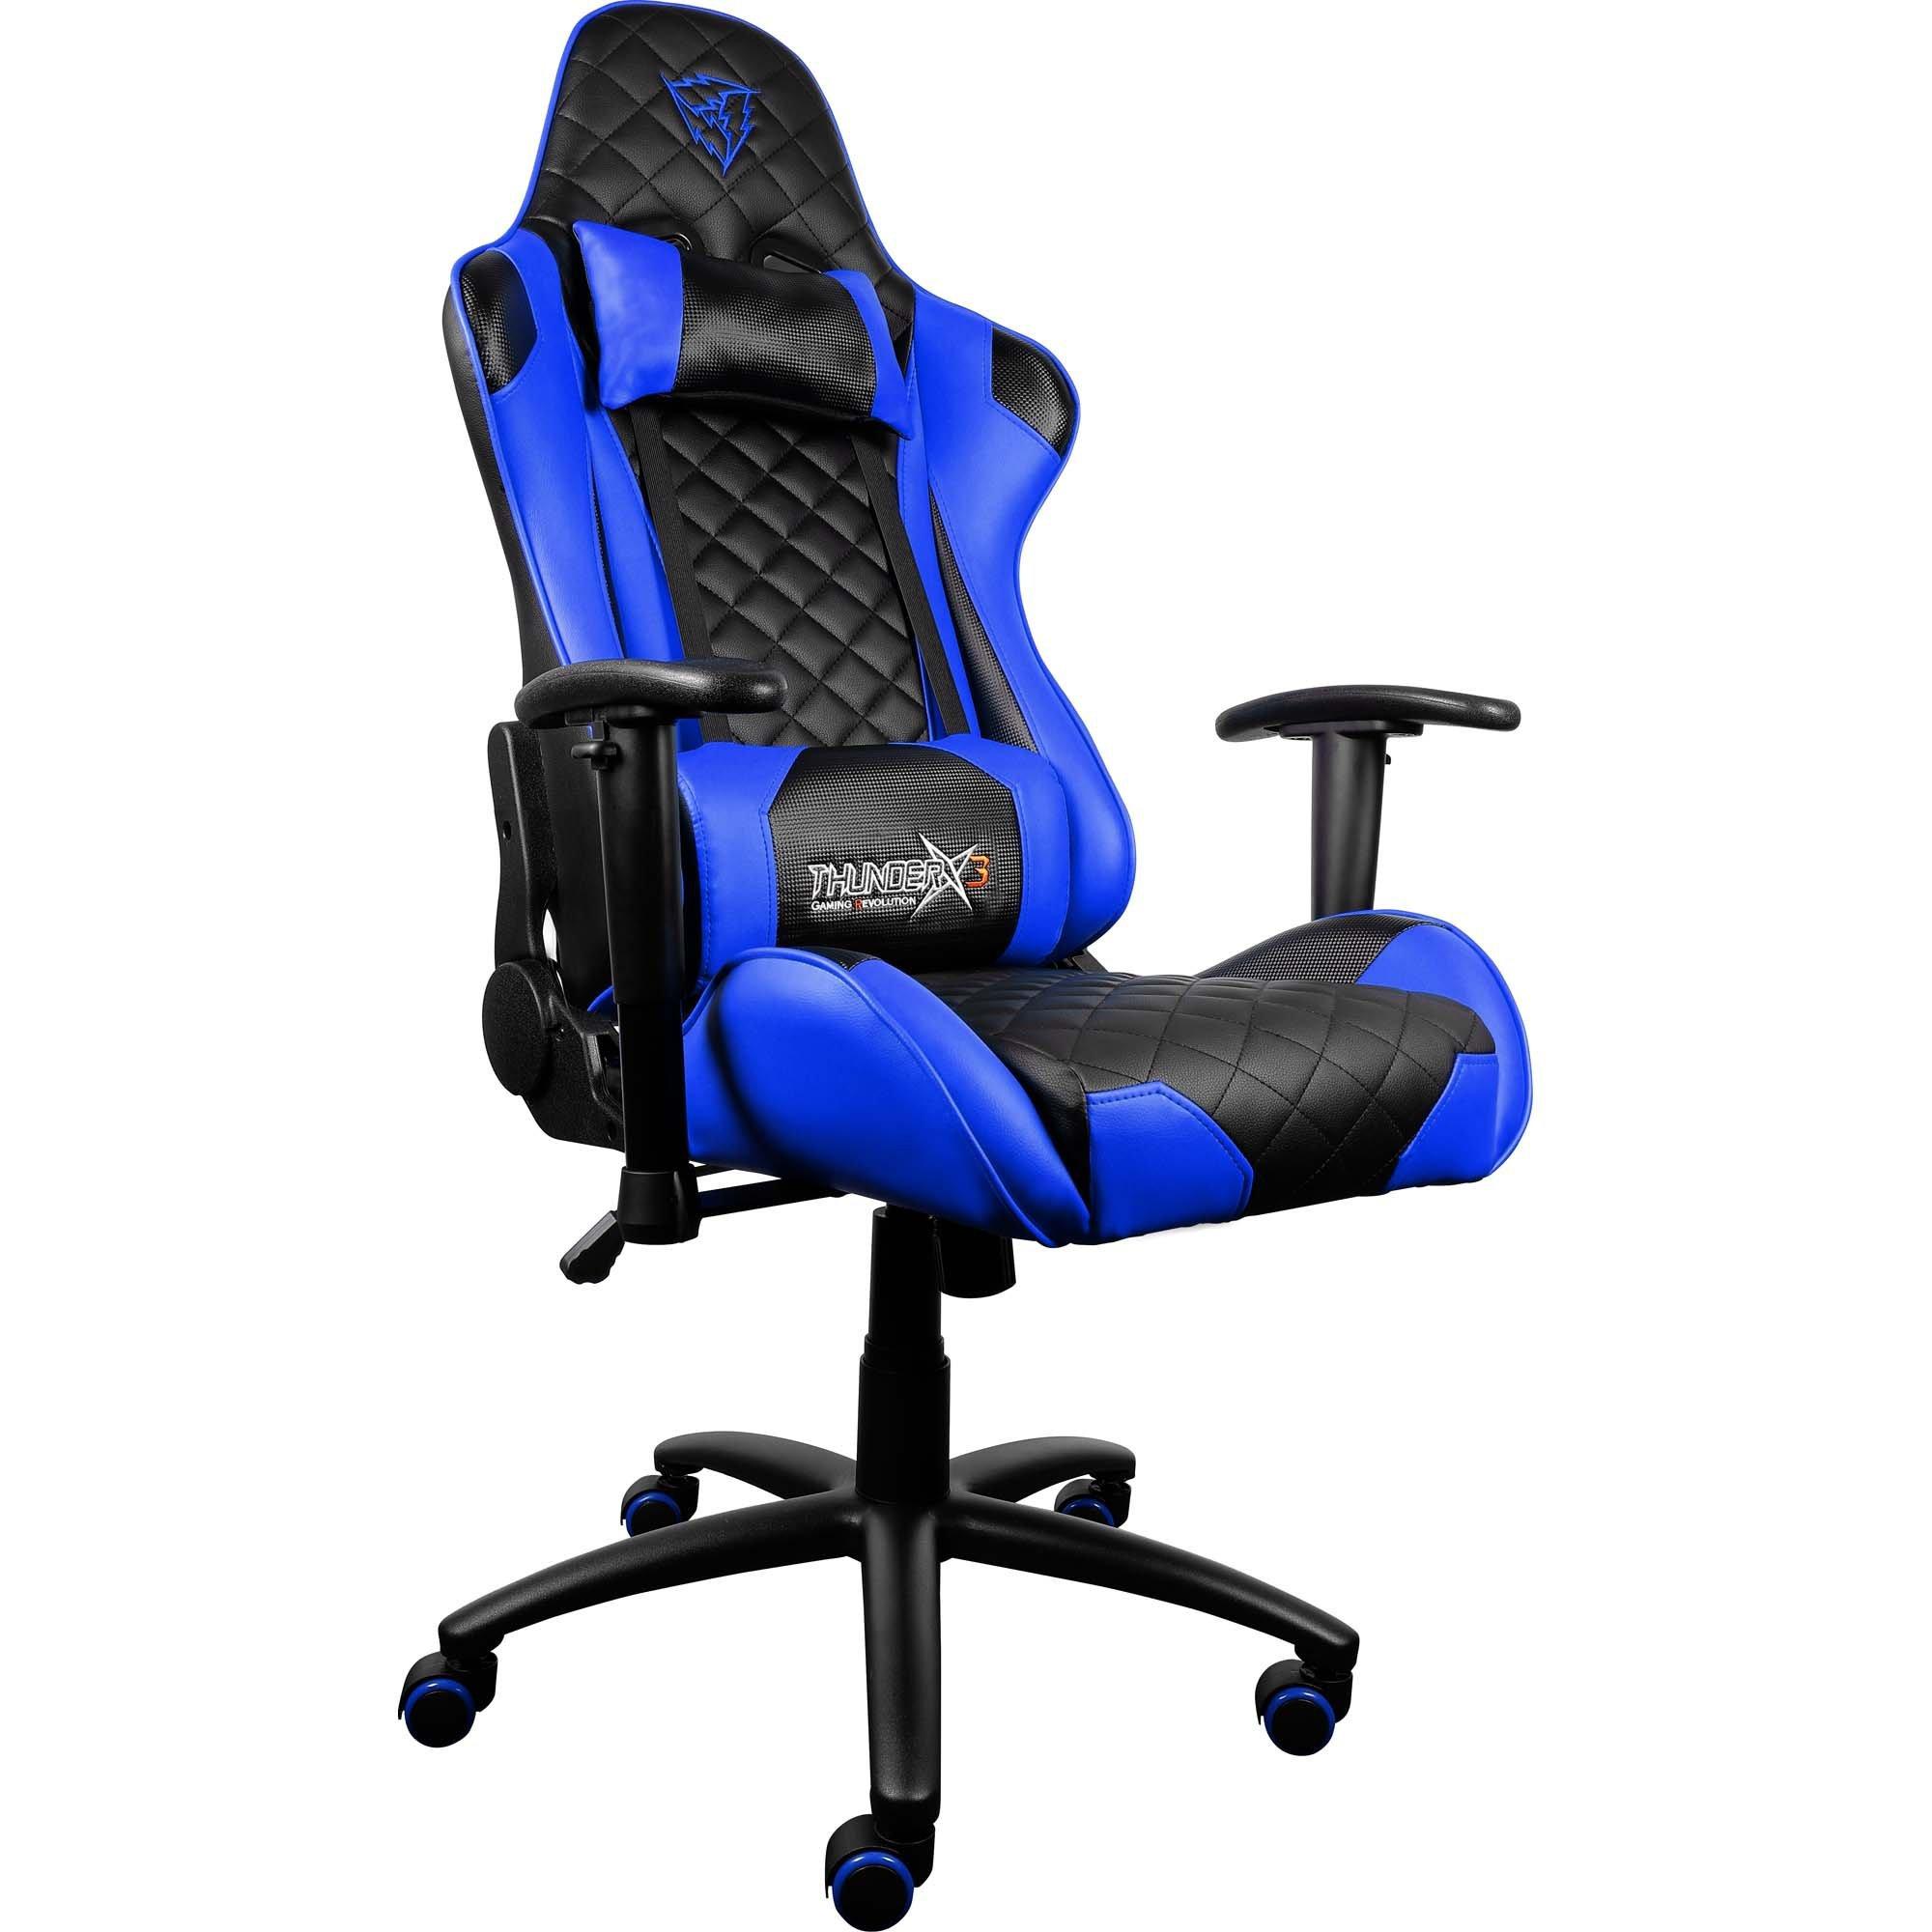 cadeira gamer aproveite enquanto durar o estoque preta azul thunderx3 profissional tgc12 43831 2000 191594 1